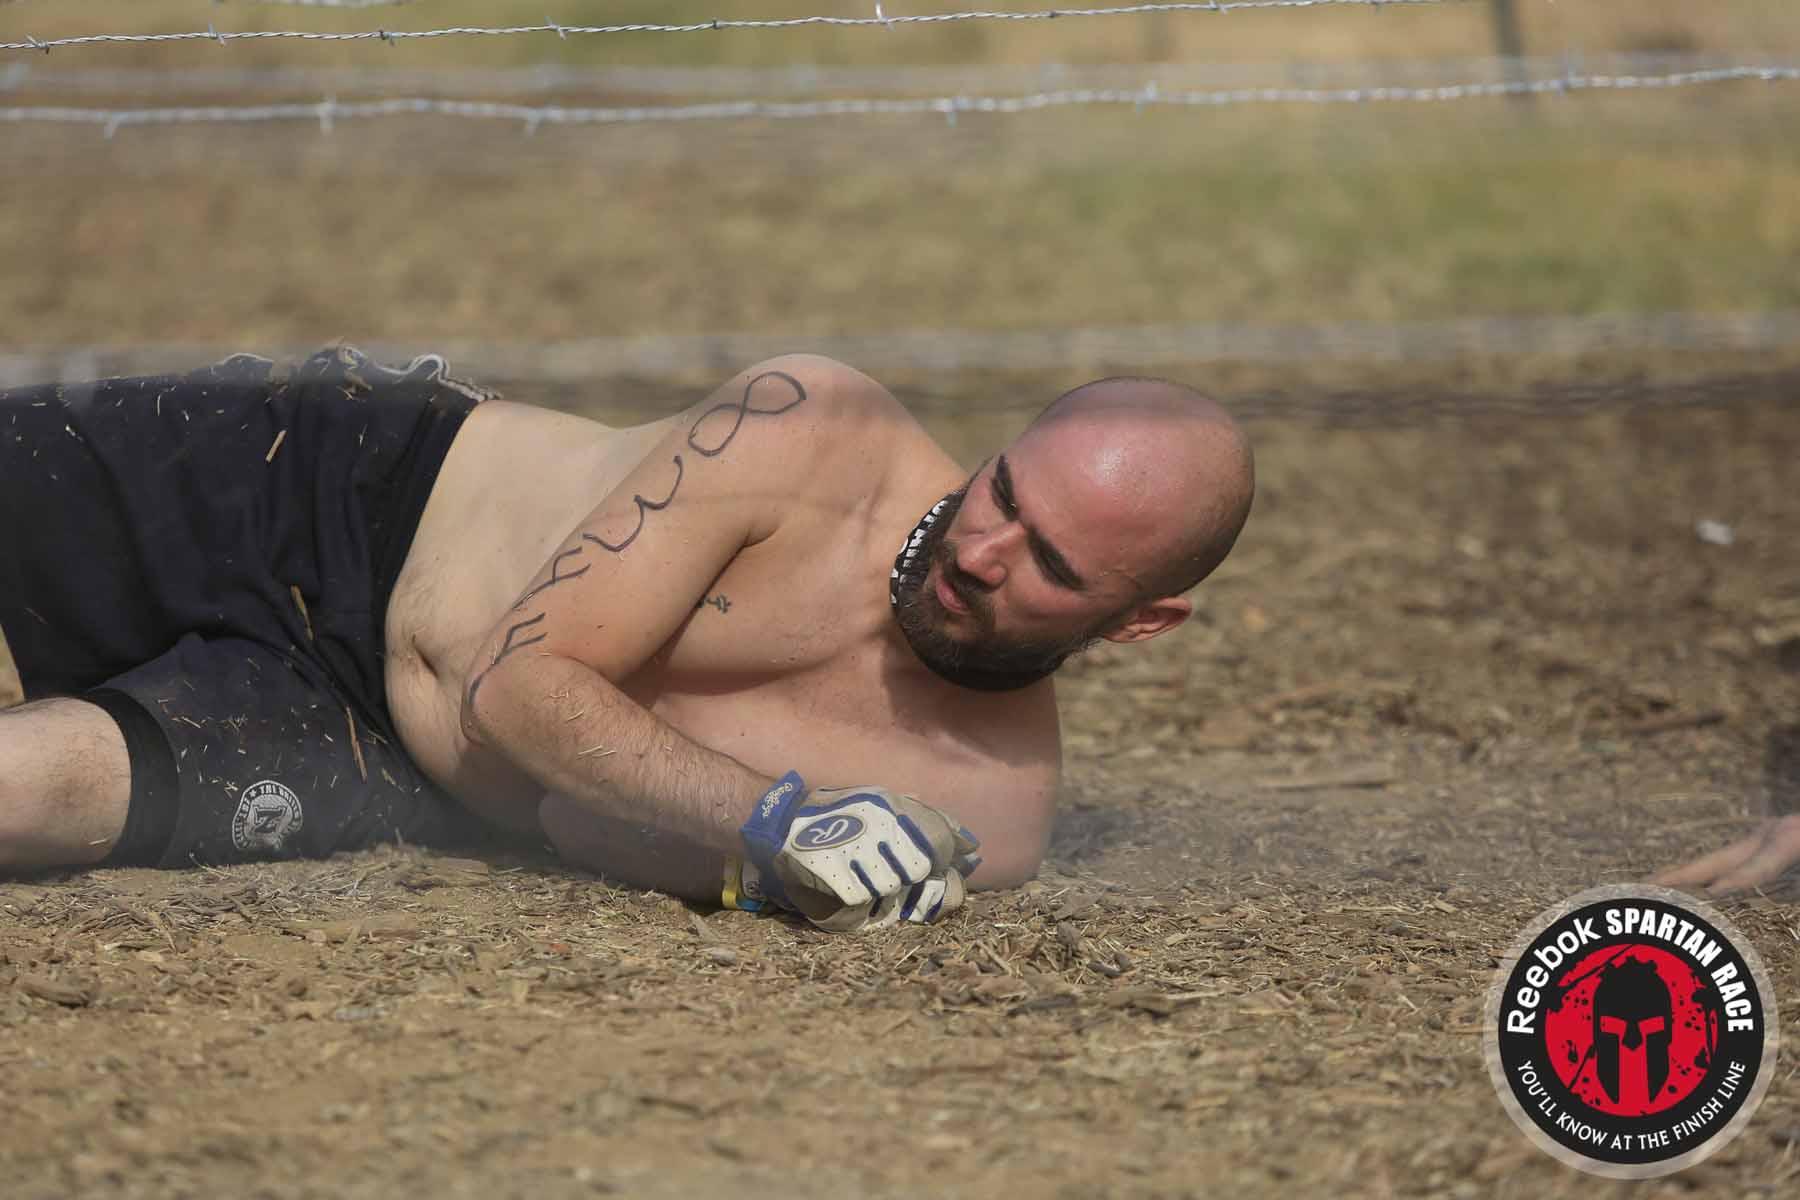 Spartan Sprint, barbed wire